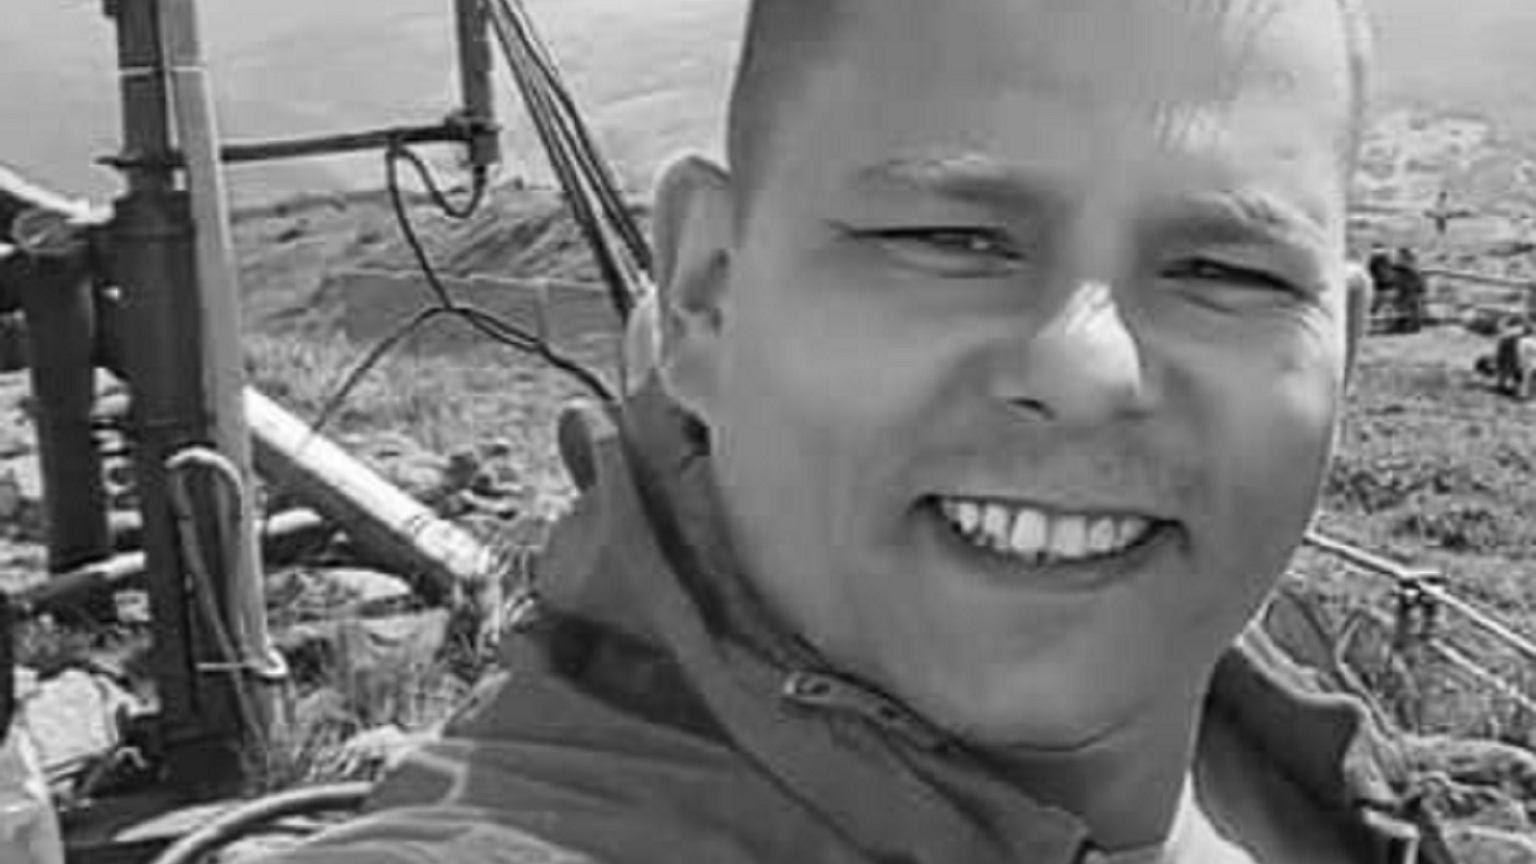 Koronawirus. Zmarł 36-letni pracownik resortu sprawiedliwości. Siostra: Był zdrowy, nie chorował